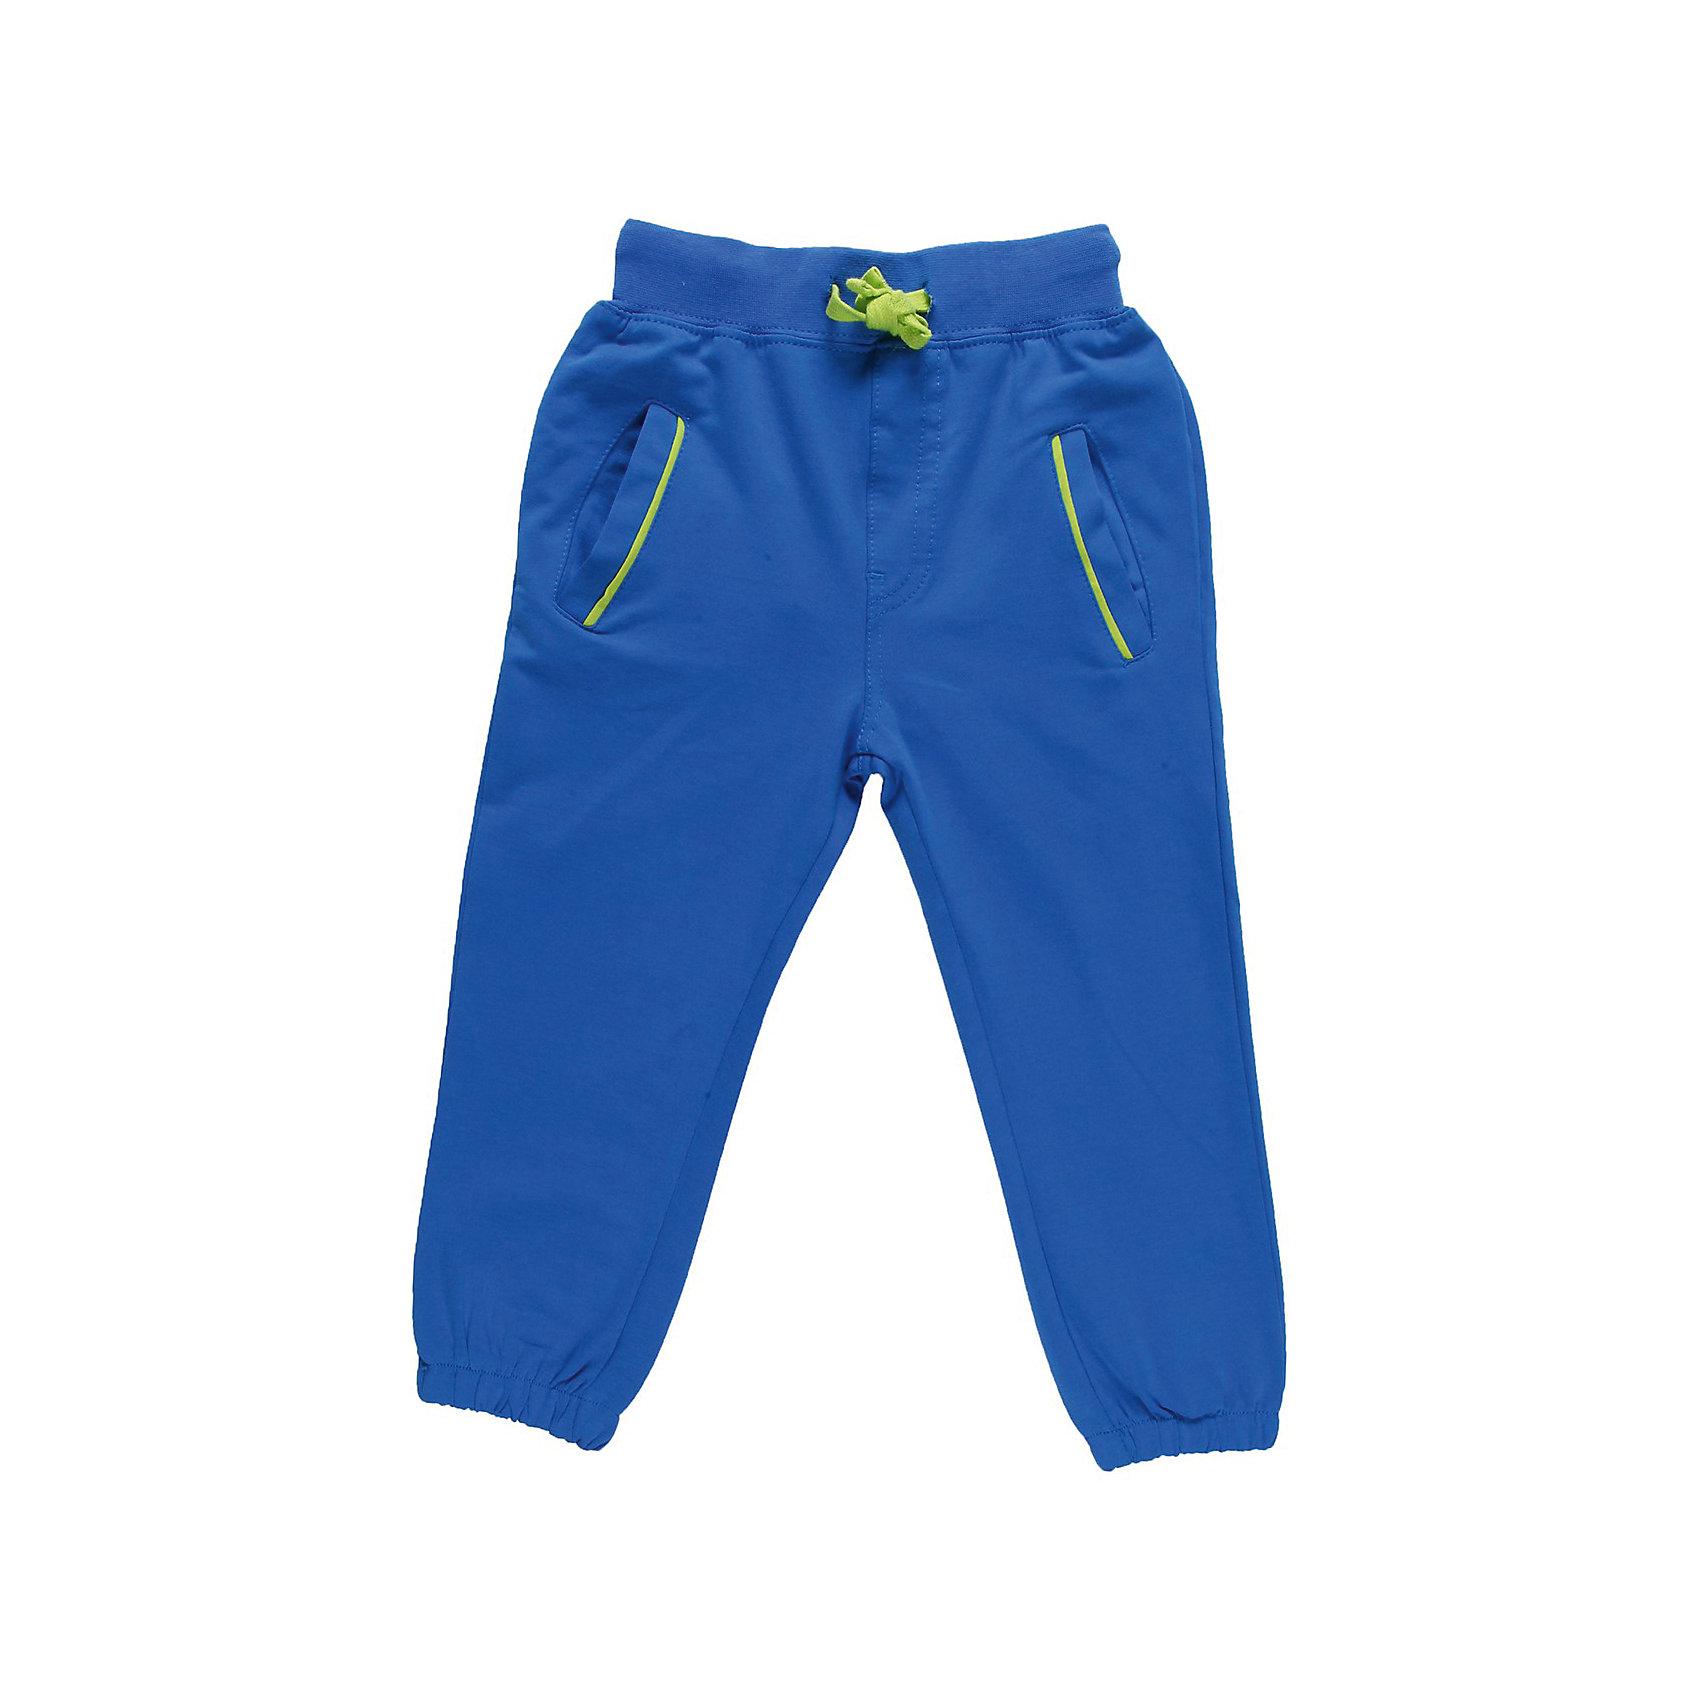 Брюки для мальчика Sweet BerryСпортивные брюки для мальчика. Эластичный пояс с внутренней резинкой, с дополнительным хлопковым шнурком.<br>Состав:<br>95% хлопок 5% эластан<br><br>Ширина мм: 215<br>Глубина мм: 88<br>Высота мм: 191<br>Вес г: 336<br>Цвет: синий<br>Возраст от месяцев: 12<br>Возраст до месяцев: 18<br>Пол: Мужской<br>Возраст: Детский<br>Размер: 86,98,92,80<br>SKU: 4522492